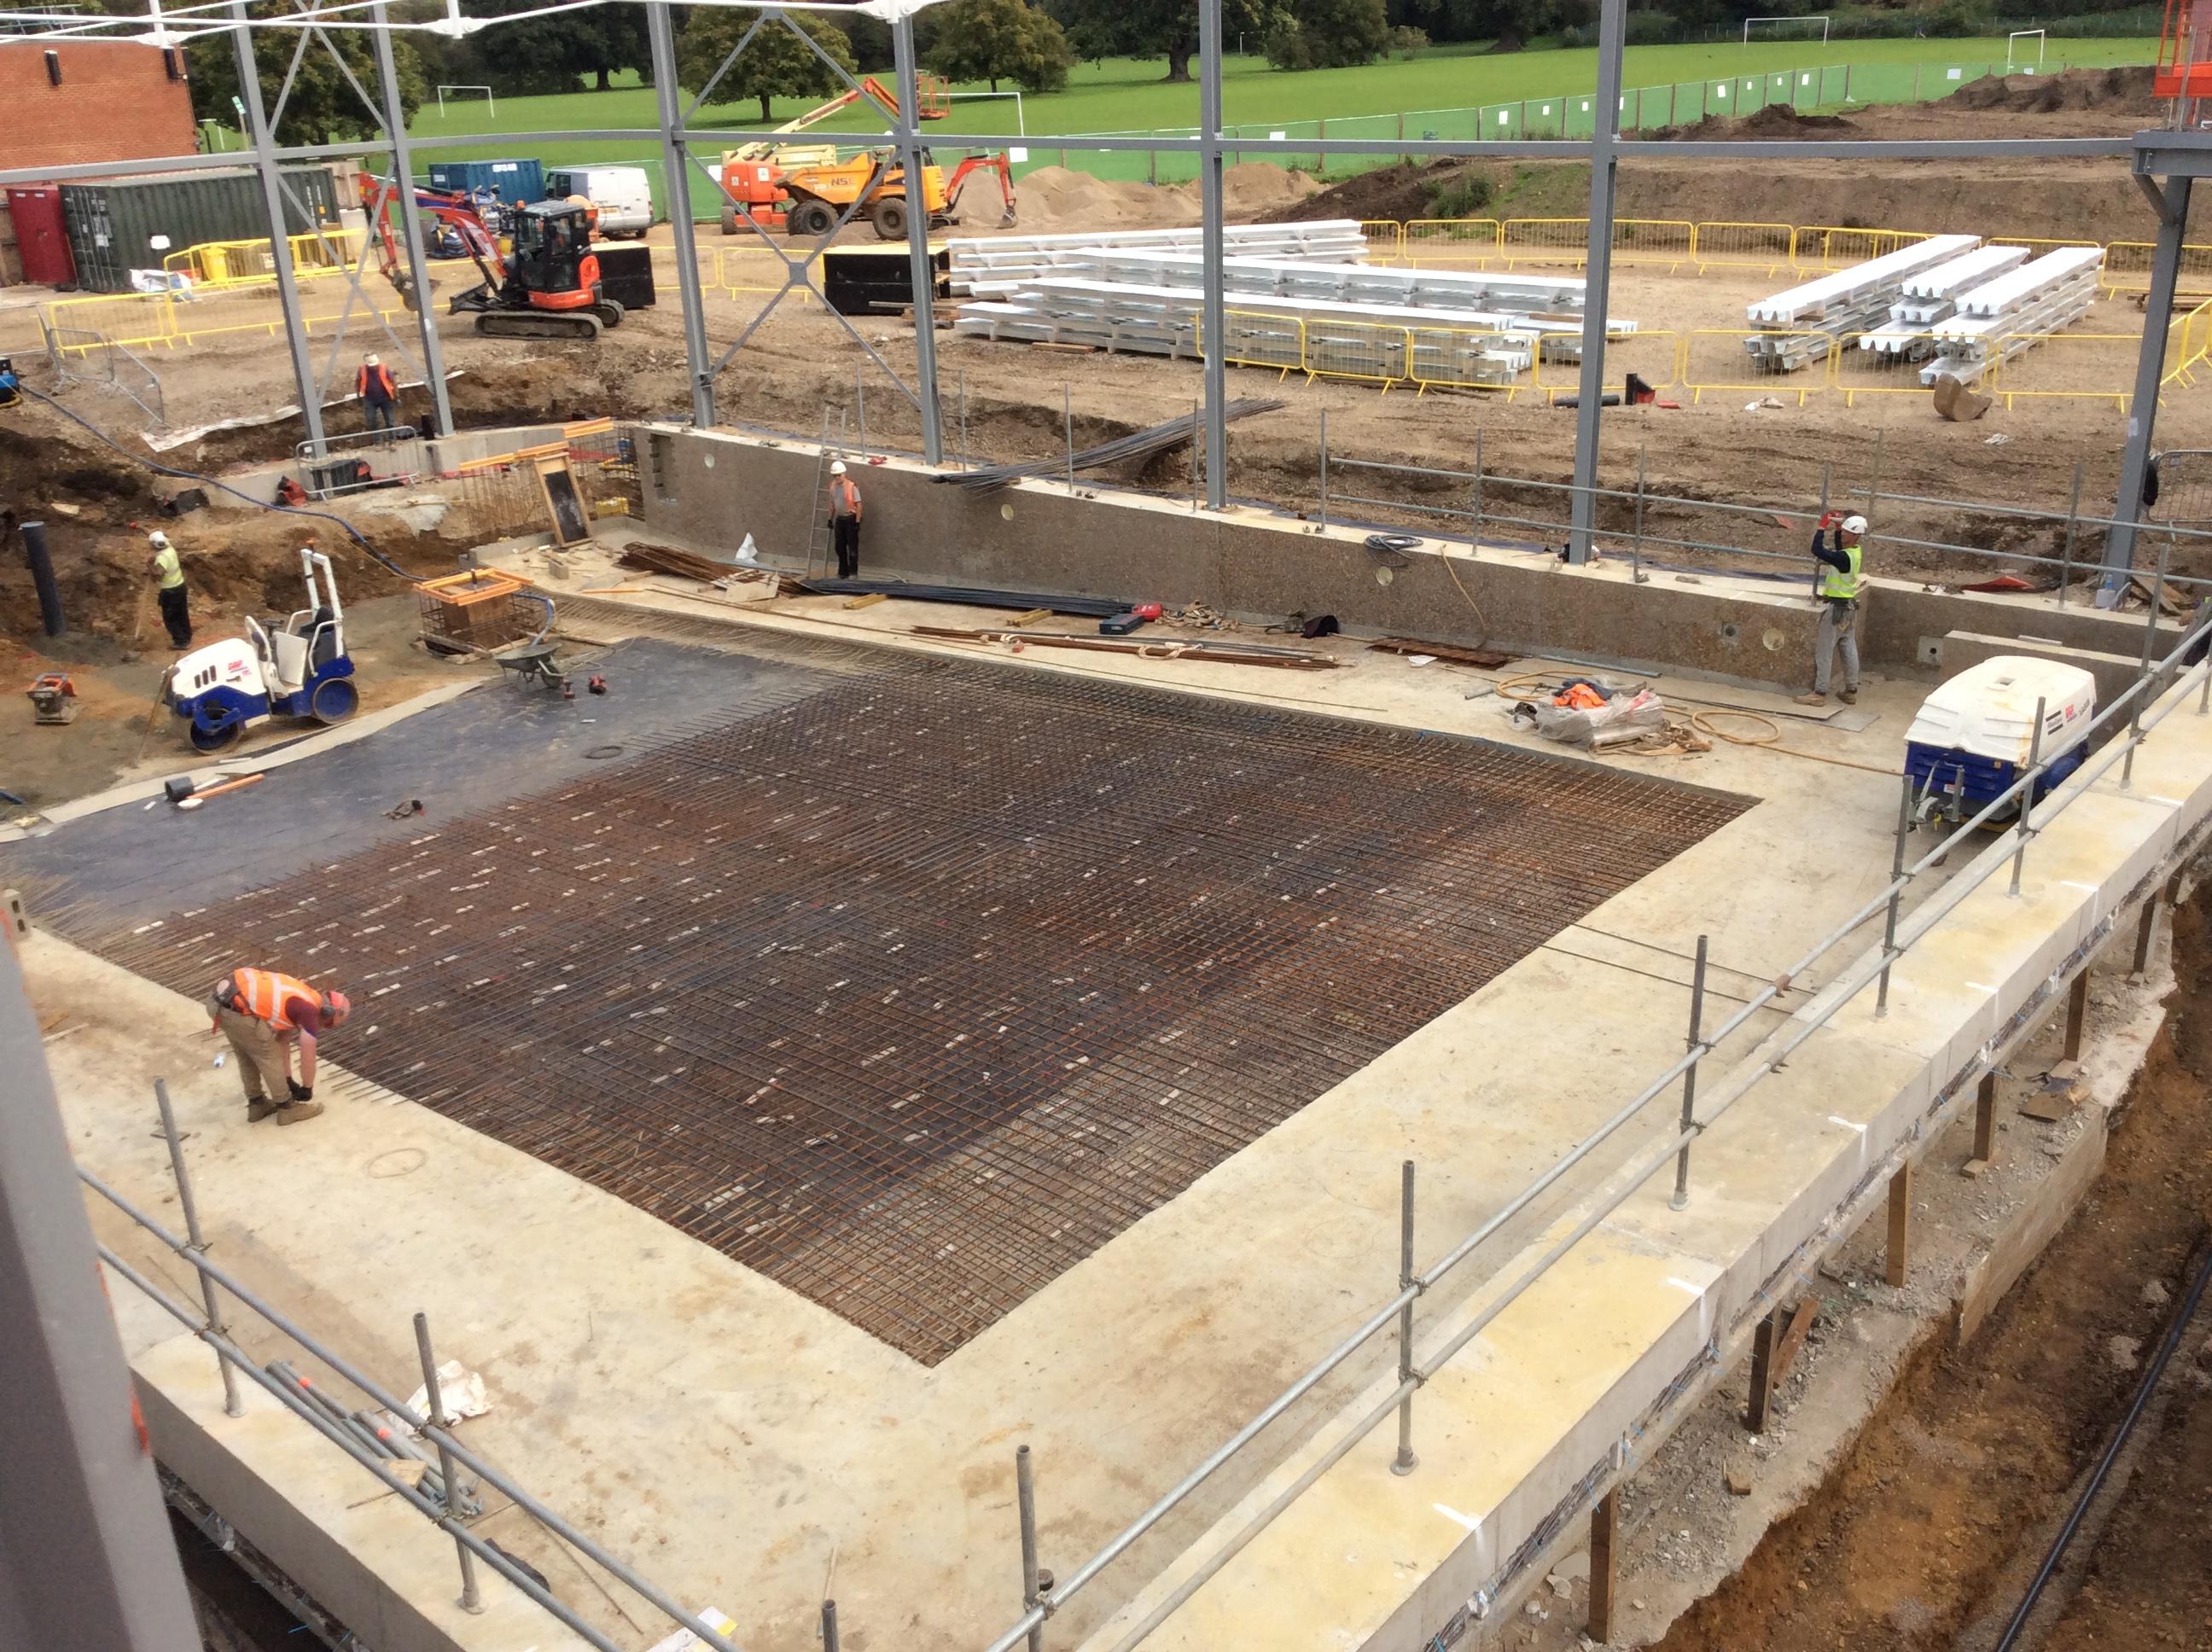 Grange Paddocks - 11.09.2020 - progress on site